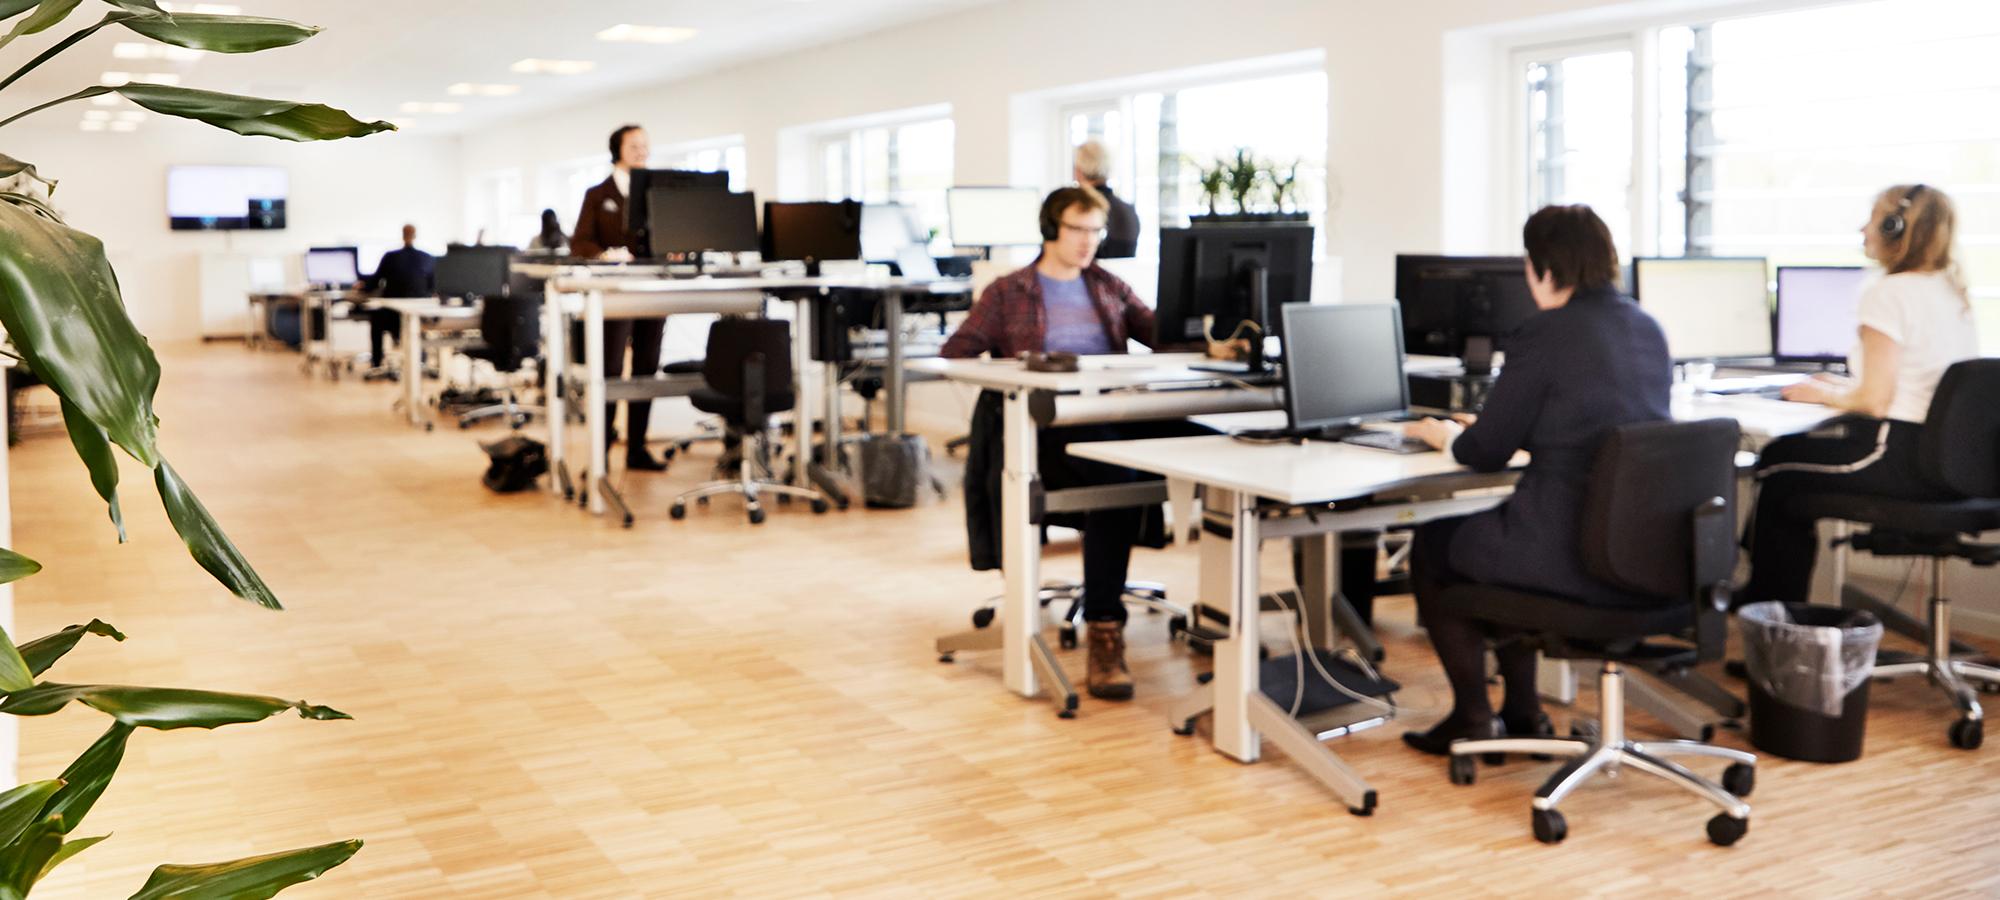 Om Valeur og branchens bedste B2B-telemarketingudbyder. Læs mere om Valeur og hvordan vi påvirker salgsprocessen og mødebookingen. Vi ved, hvad der skal til for at arrangere et møde og skabe værdi for kunden.